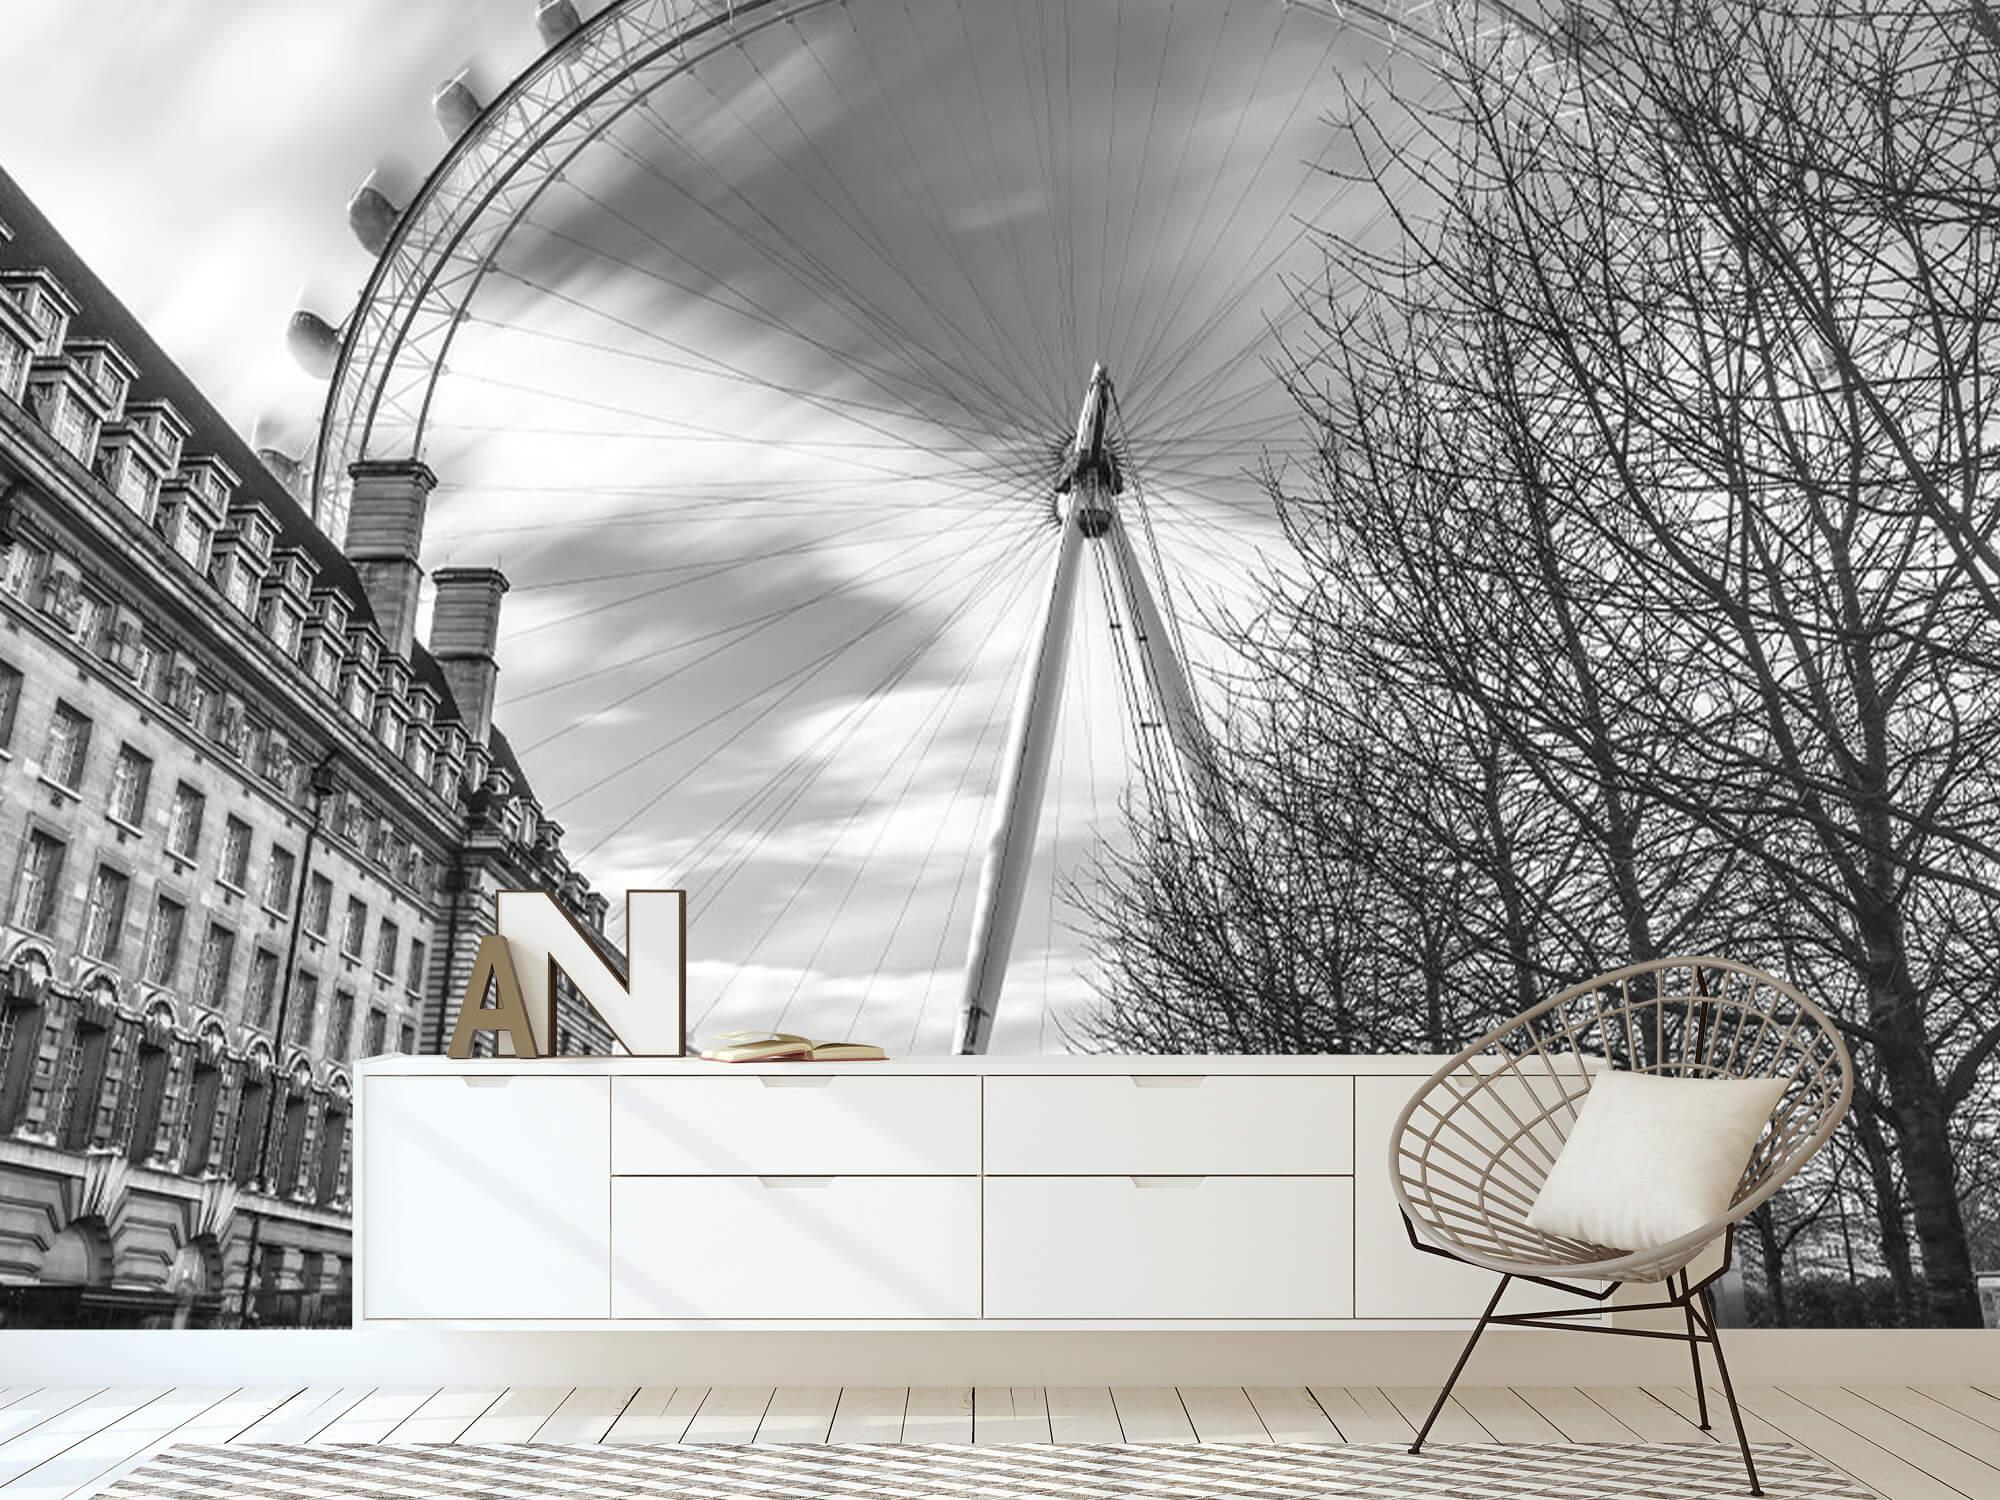 Ferris wheel in London 19